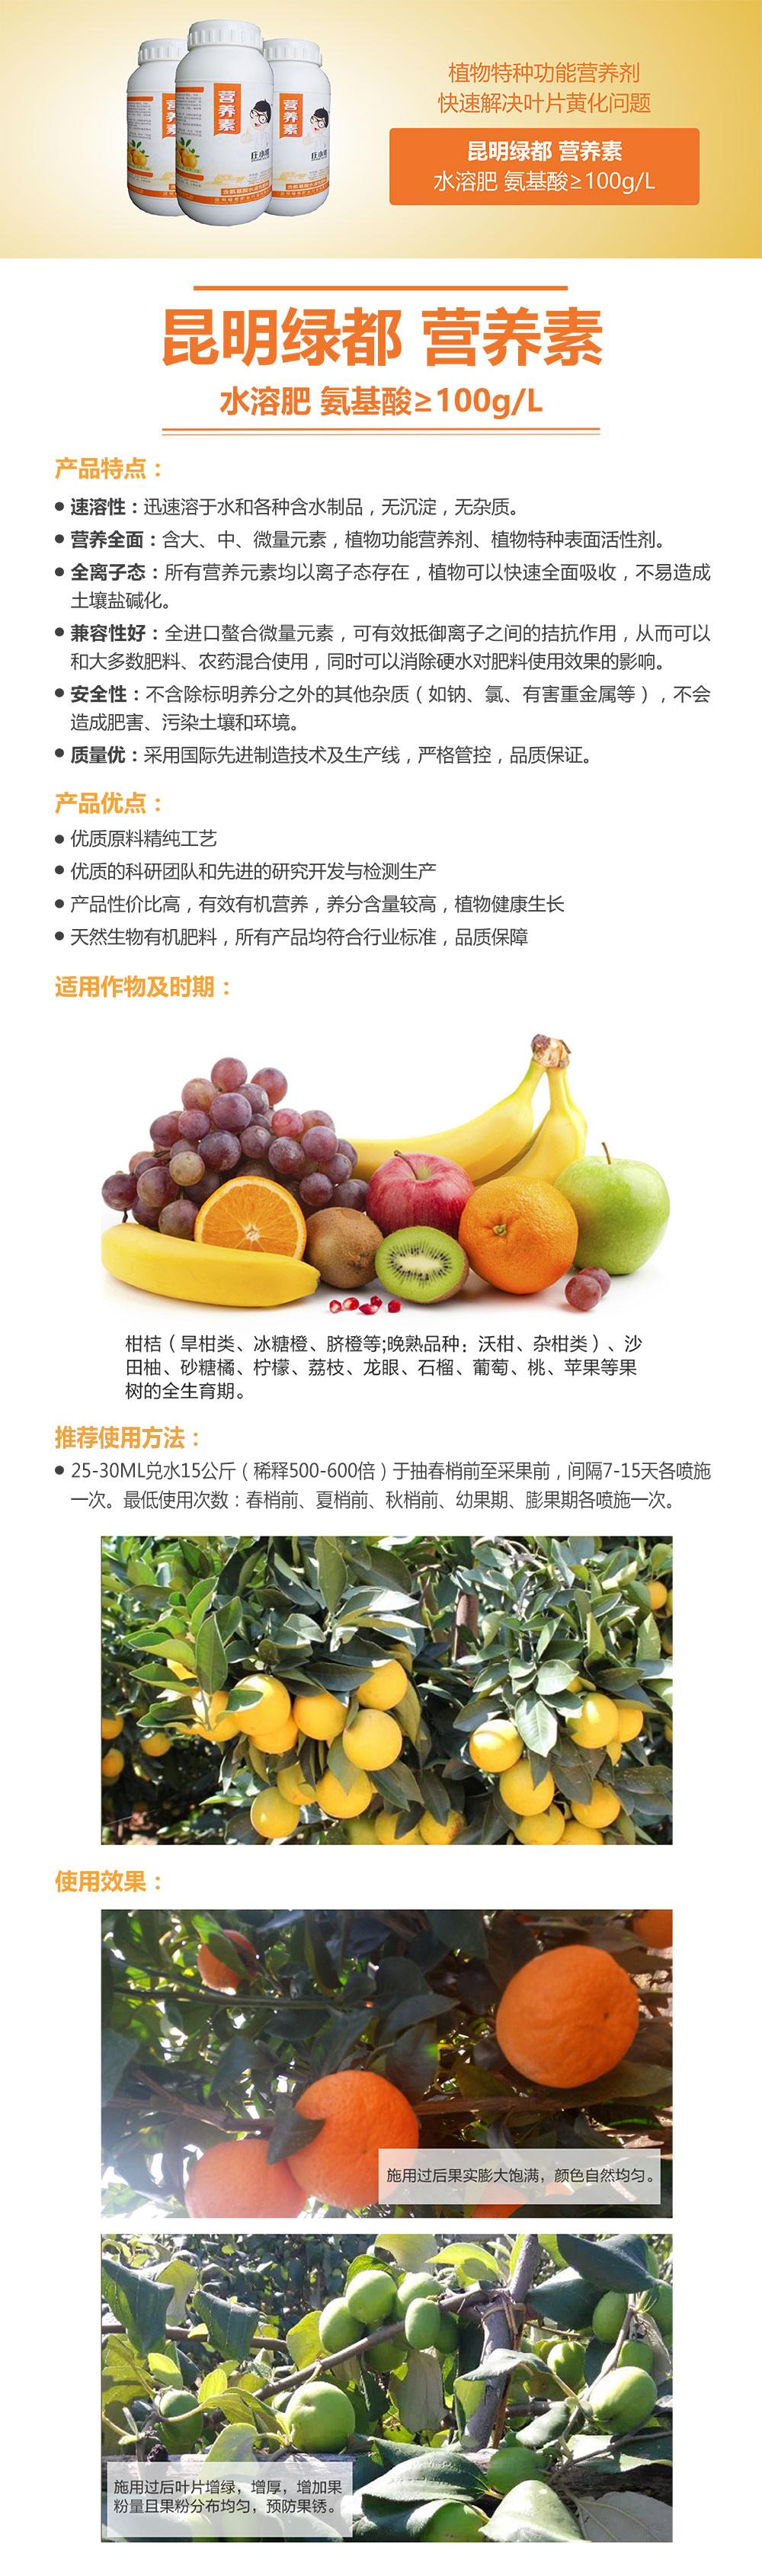 昆明绿都-营养素商品详情.jpg